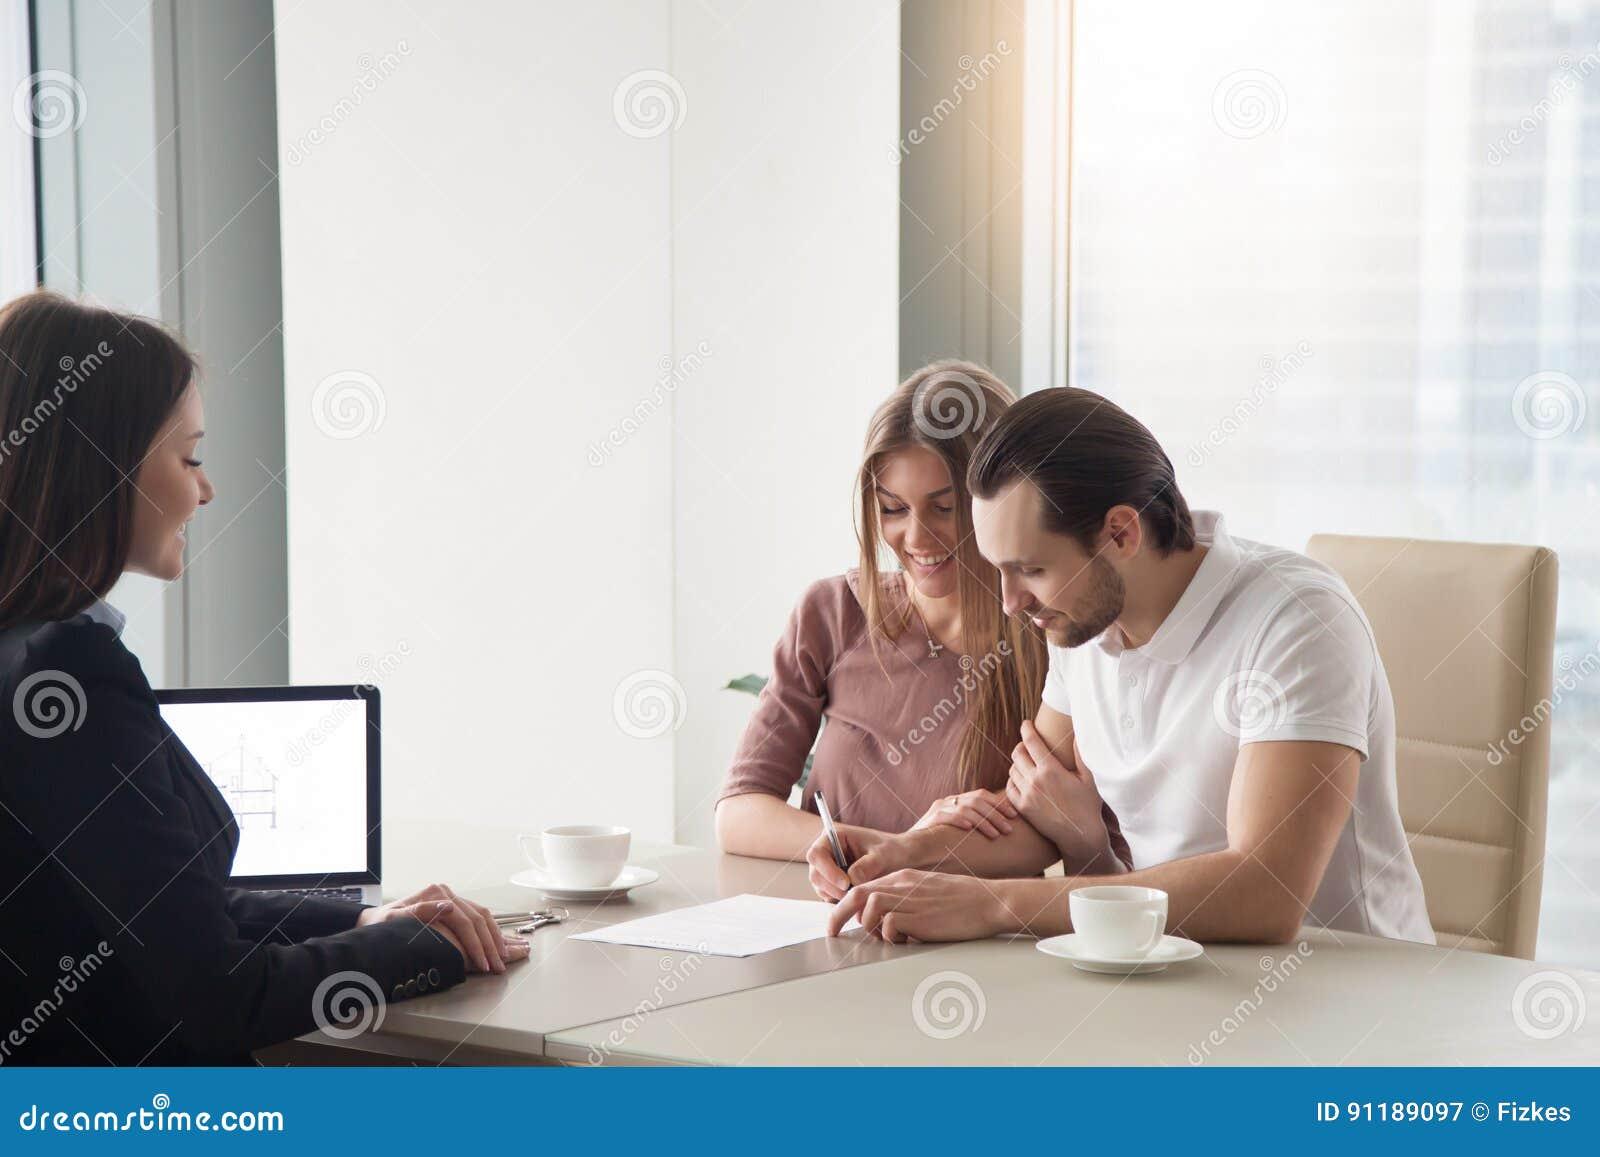 结合购买,租赁公寓,签协议合同